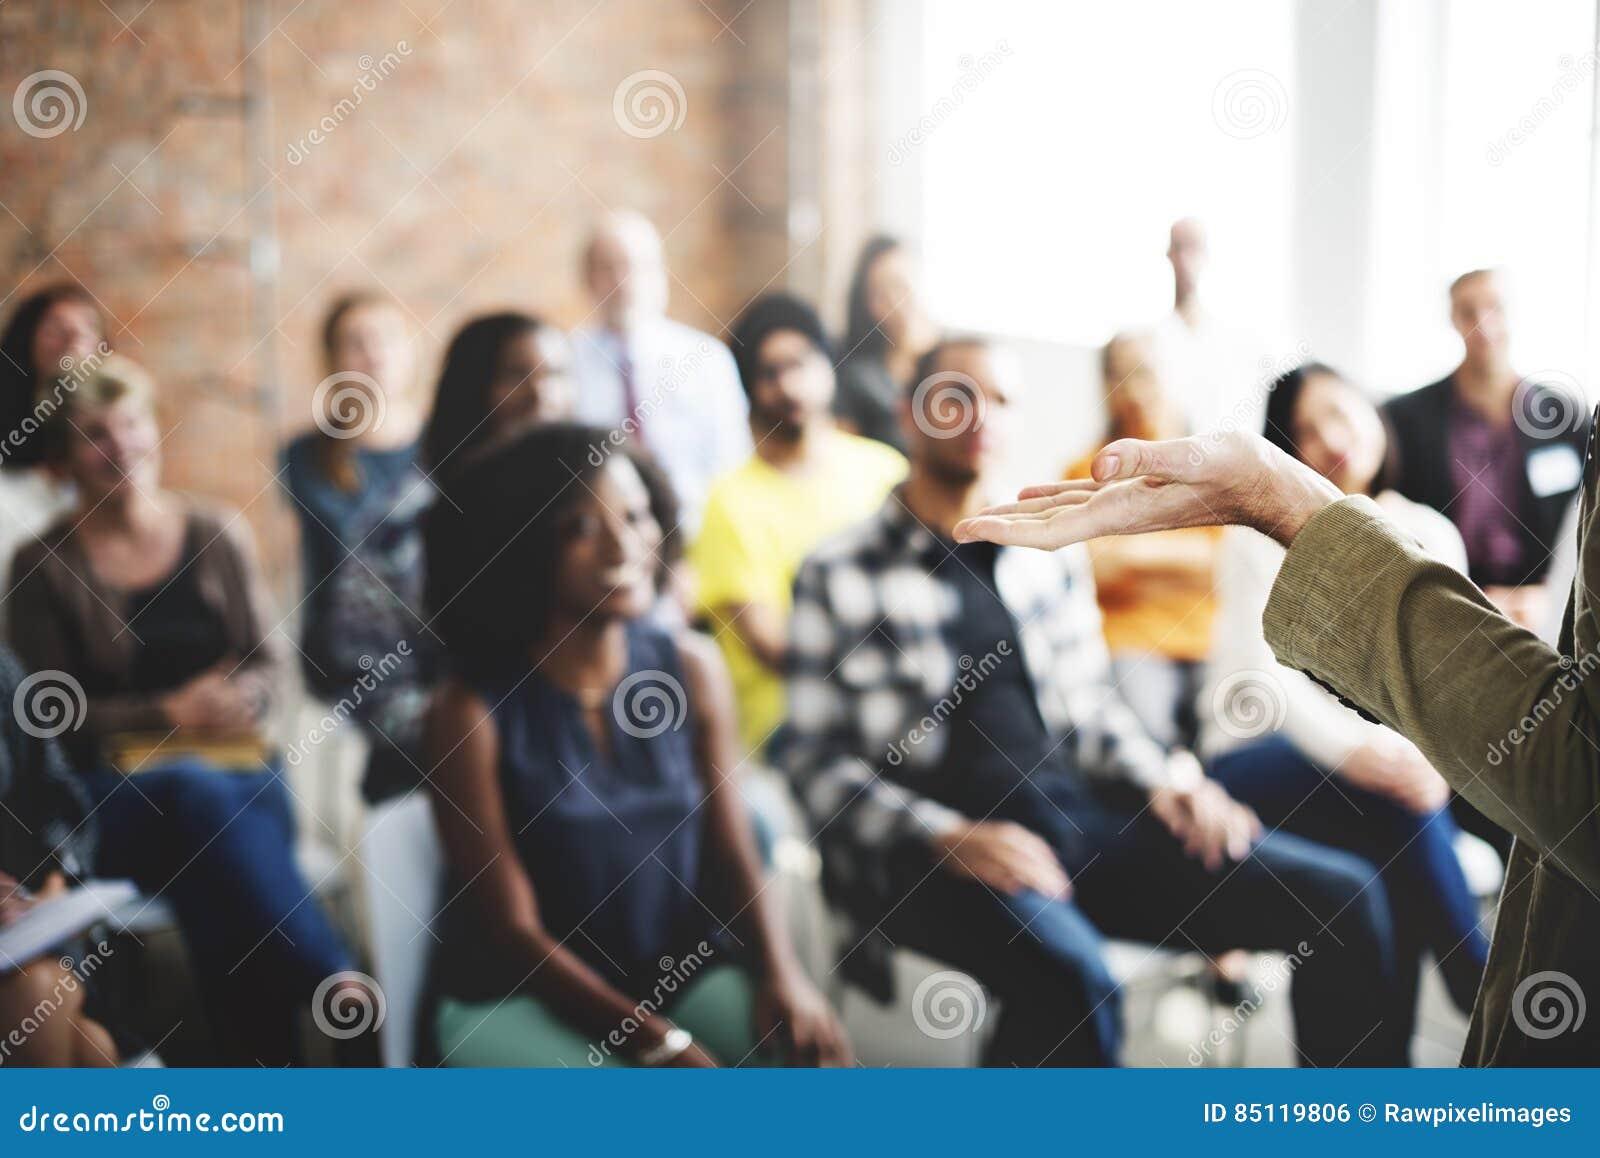 Biznesu spotkania Drużynowy Seminaryjny Słuchający pojęcie